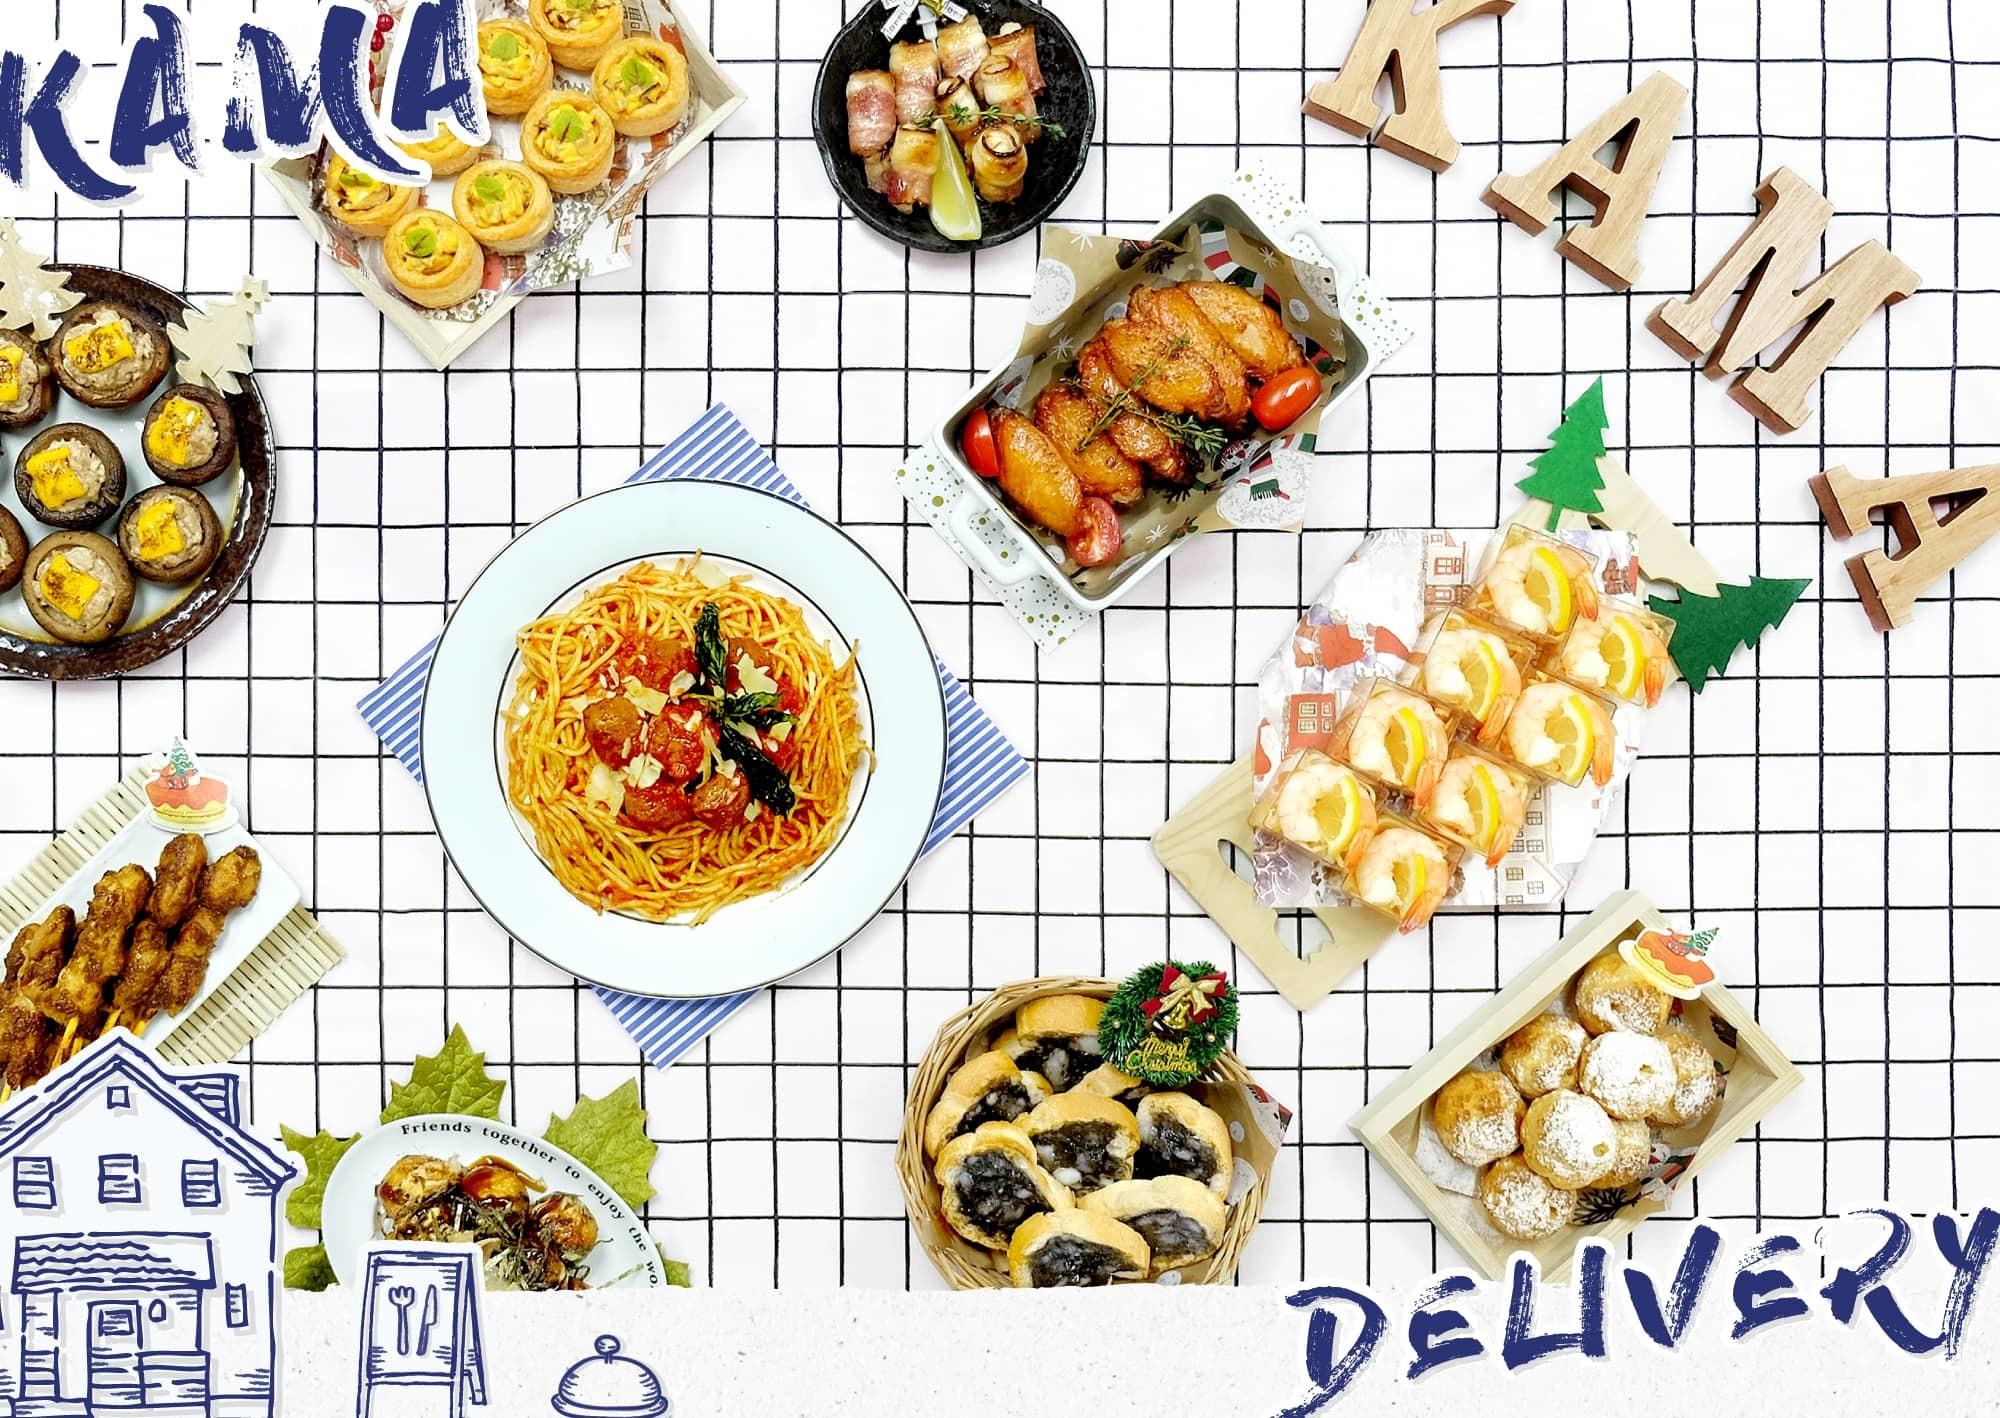 70人外賣套餐推薦|Kama Delivery大型外送到會Menu|精緻自訂人數餐盒|全港免運費直送|抵食西式單點食物